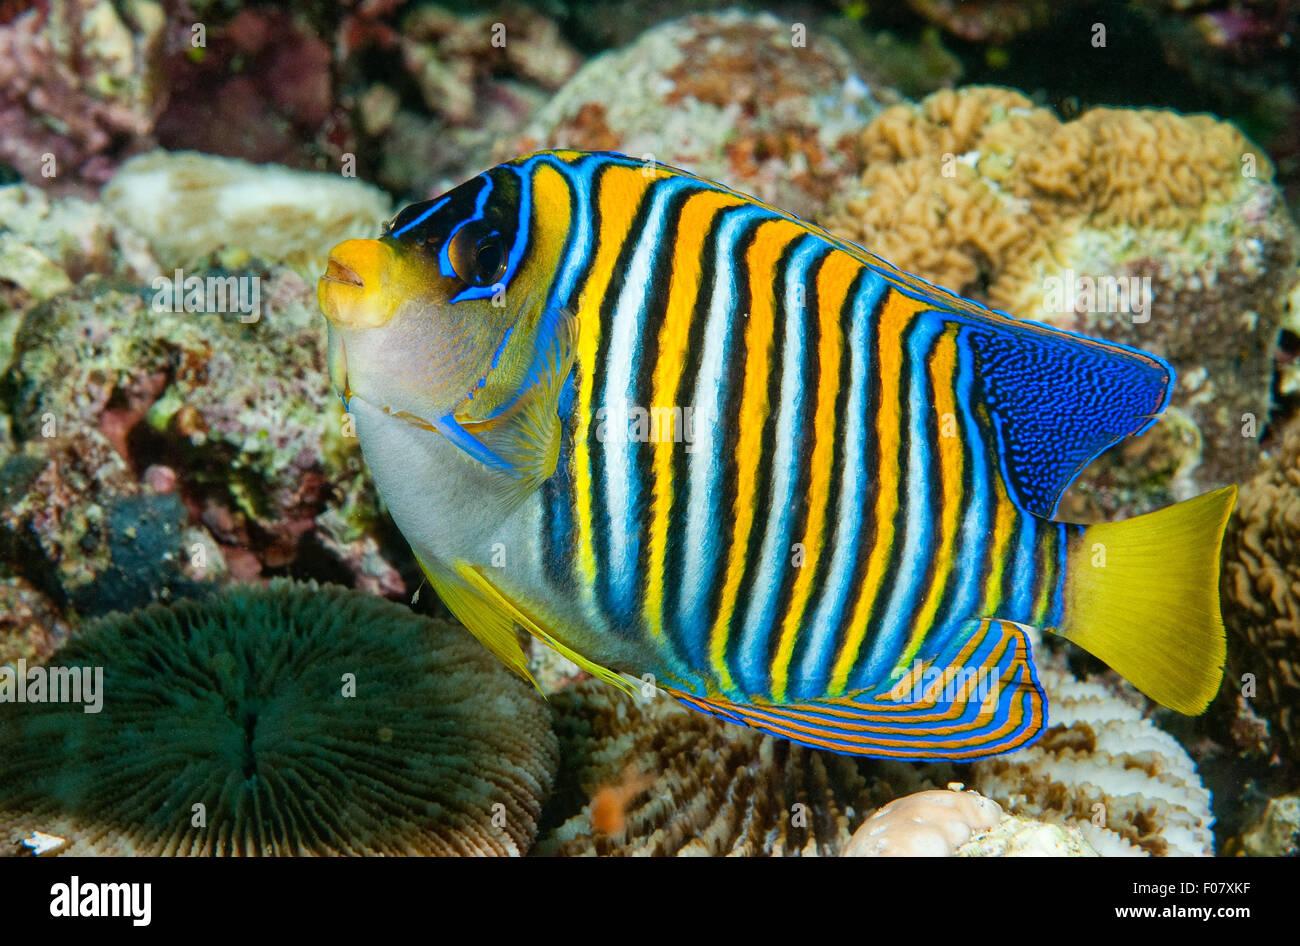 Regal Angelfish (Pygoplites diacanthus) - Stock Image